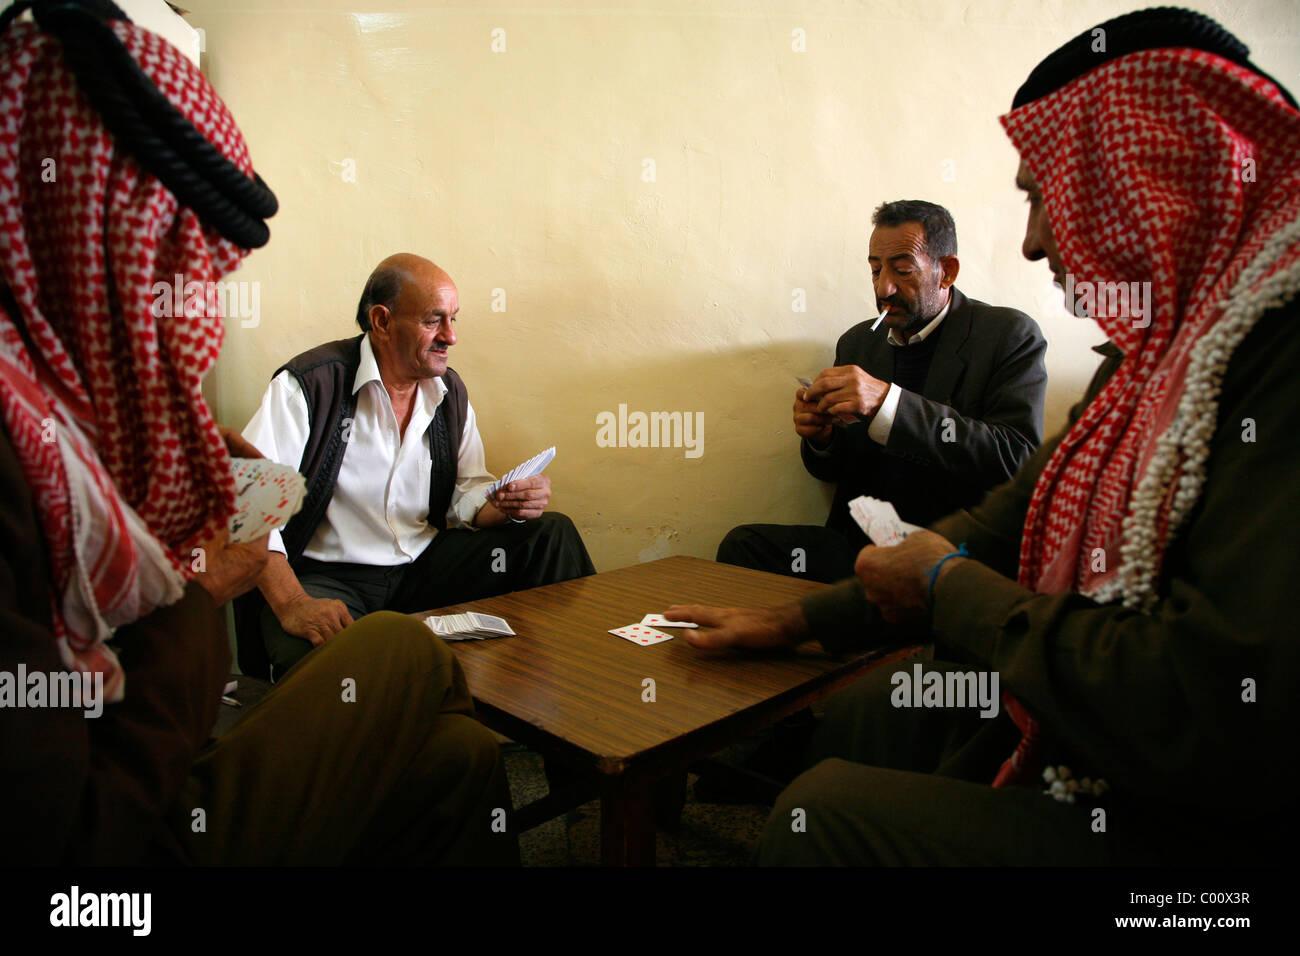 Les hommes jouent aux cartes dans un café traditionnel sur Mayden street, le sel, la Jordanie. Photo Stock